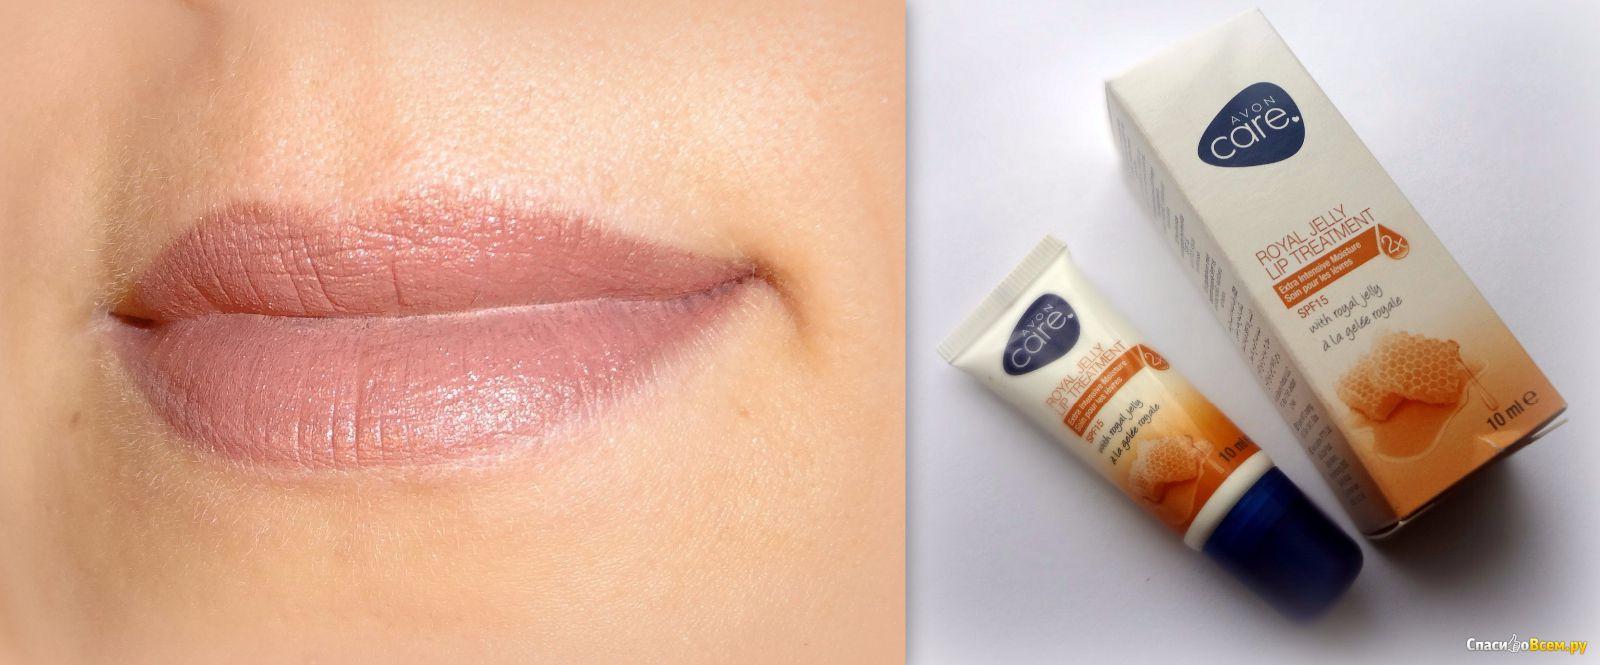 Увлажняющий бальзам для губ арбуз эйвон отзывы 1 фотография